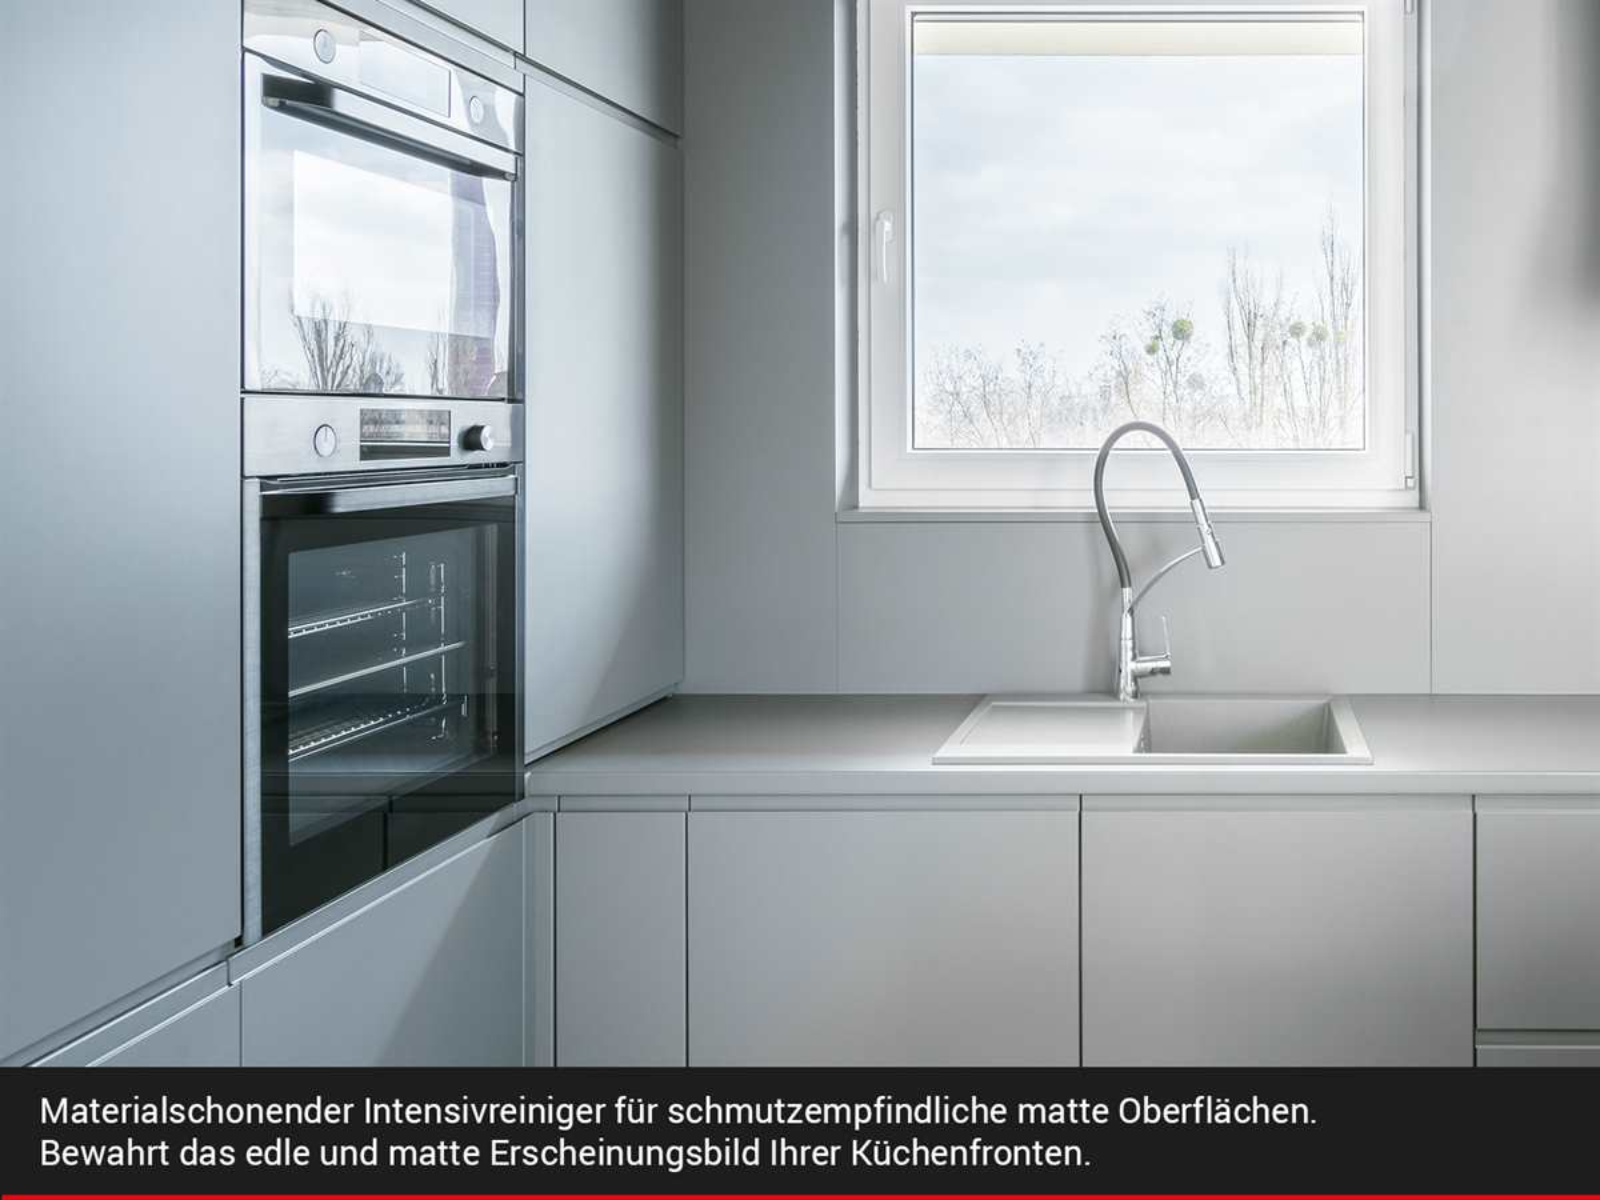 moebelplus Küchenfronten-Reiniger Matt - 2er Set